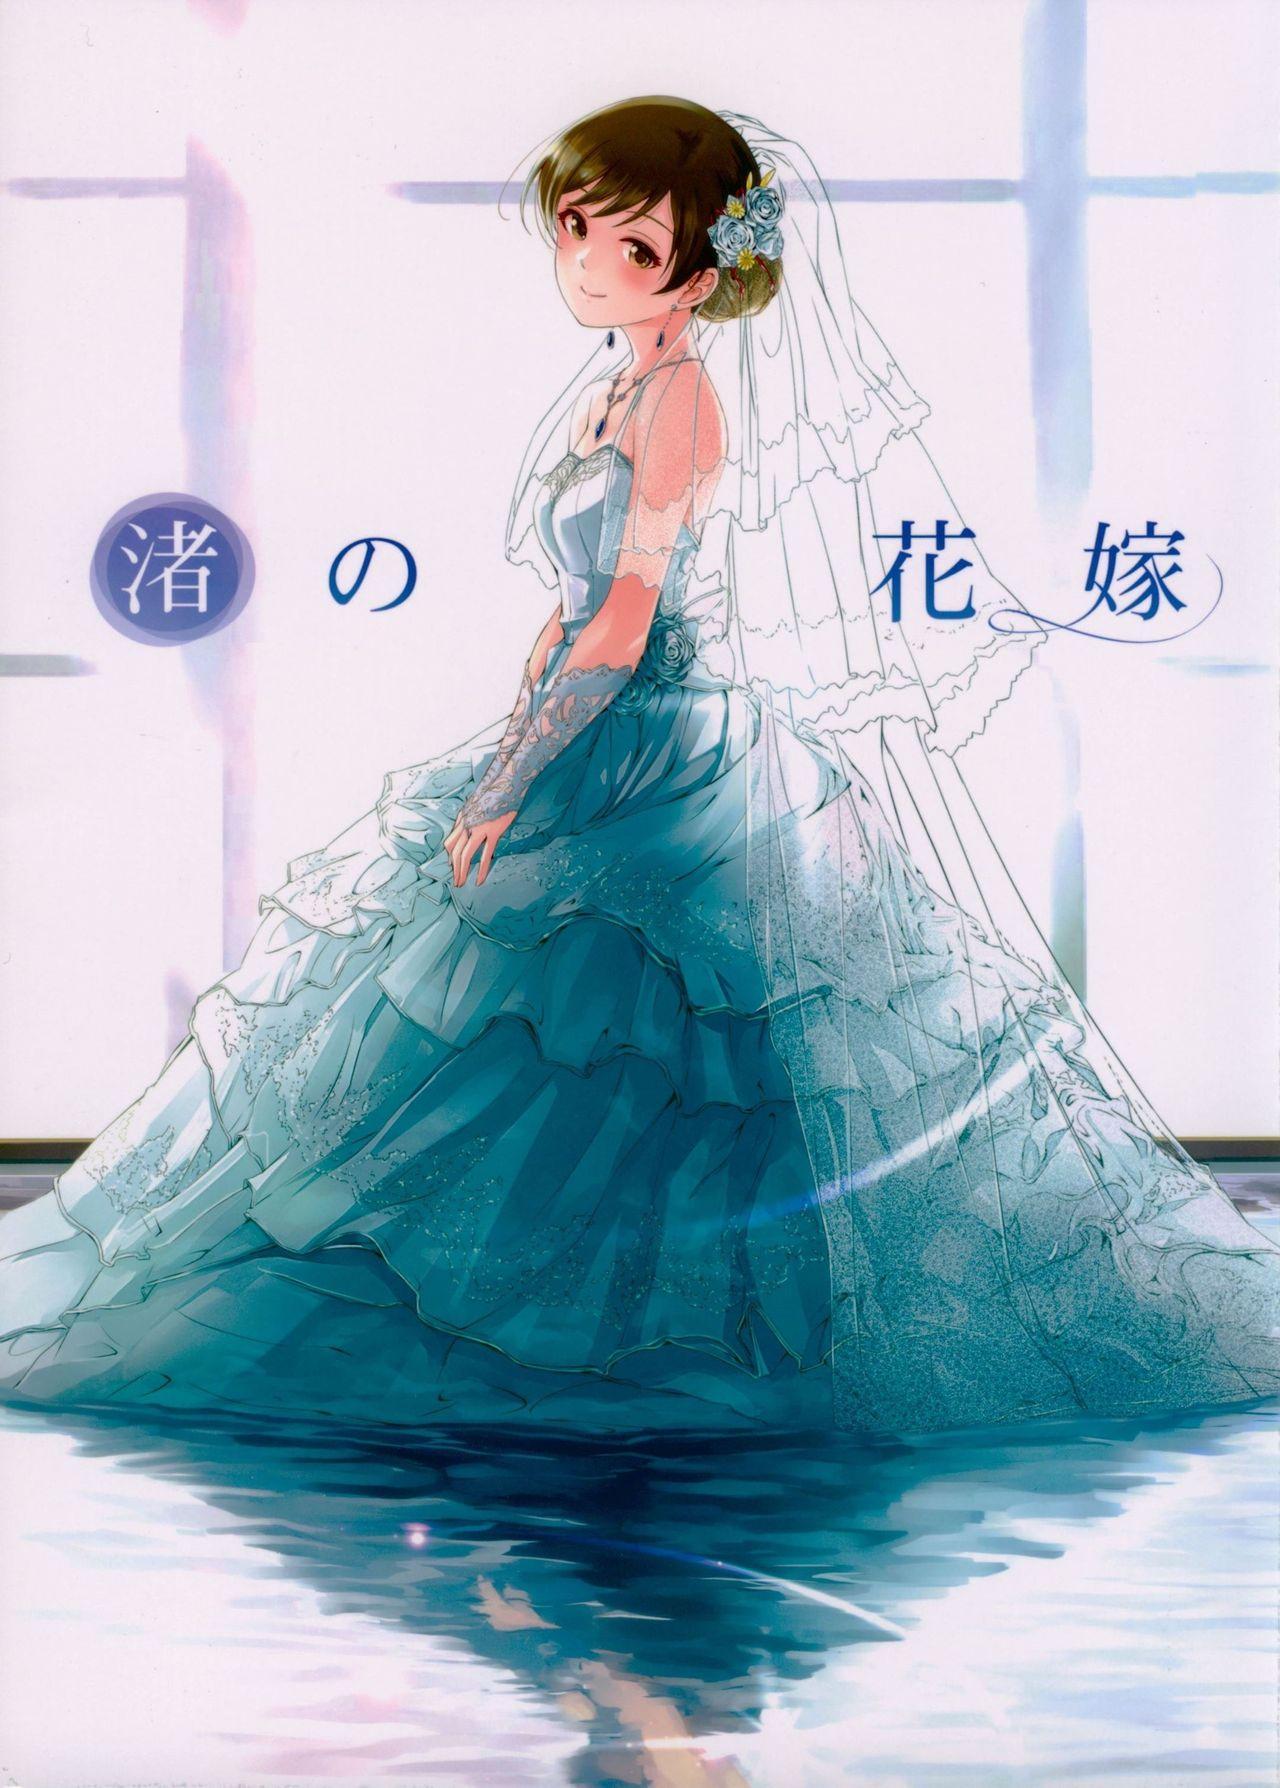 Nagisa no Hanayome 1